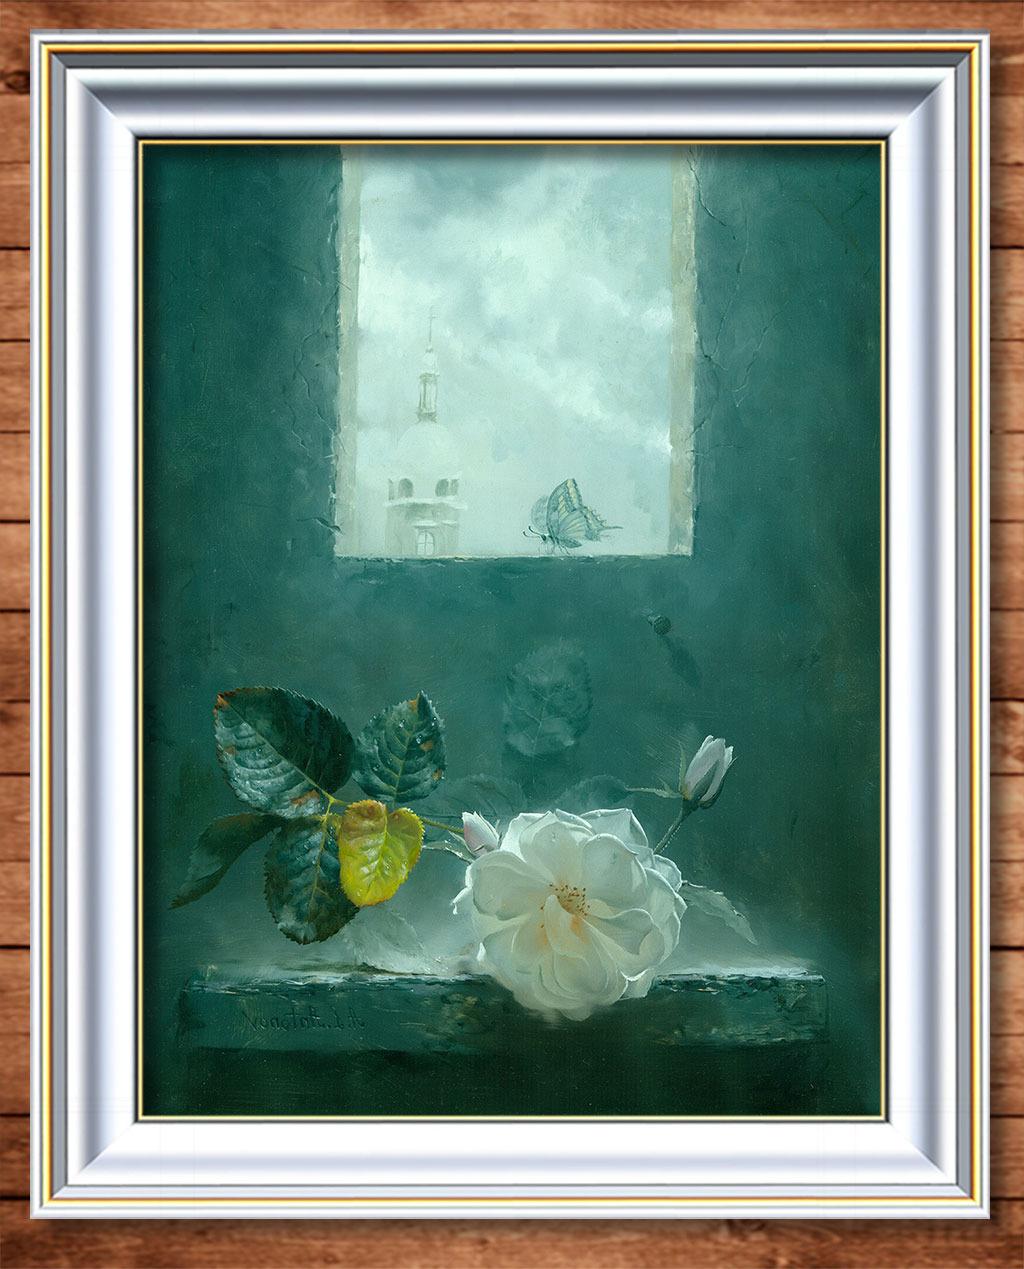 玫瑰花 白色/一朵白色玫瑰花超写实主义油画